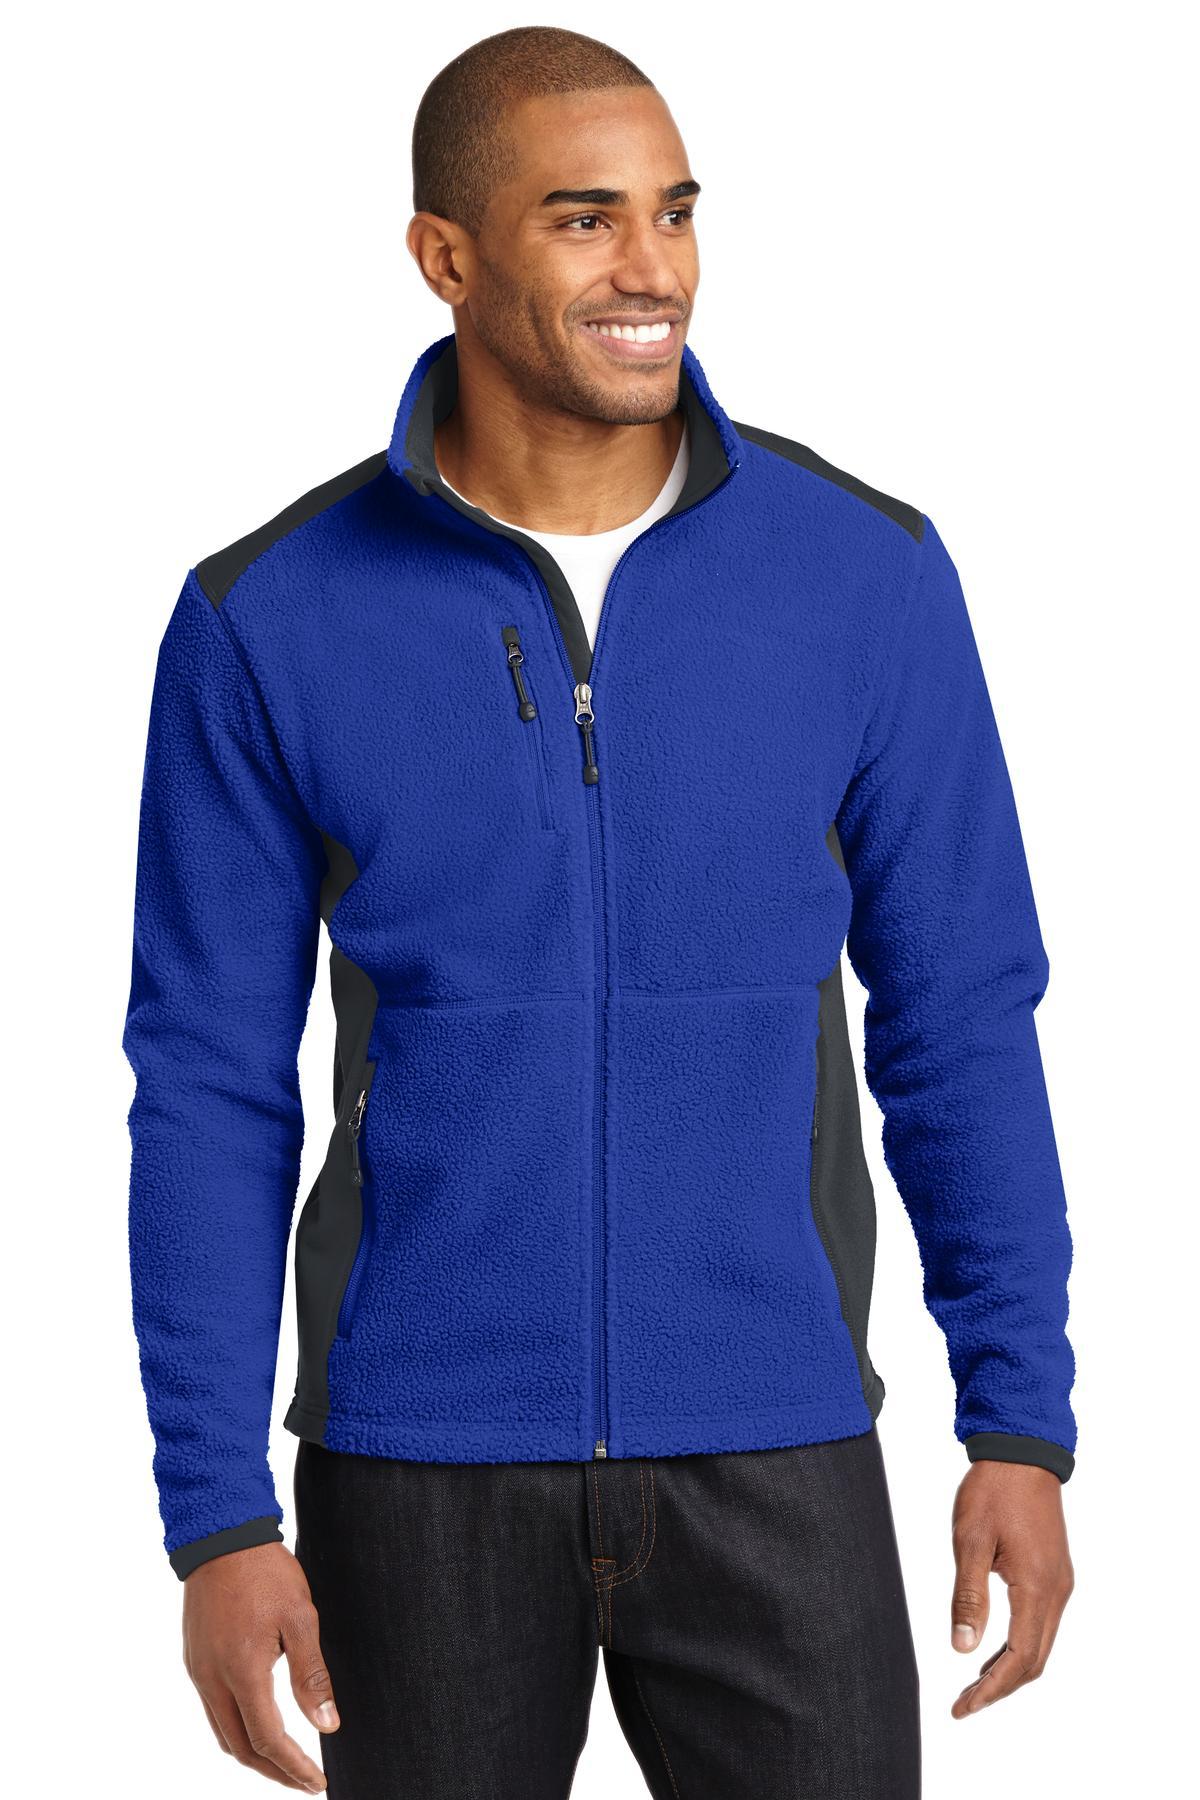 Outerwear-Polyester-Fleece-18